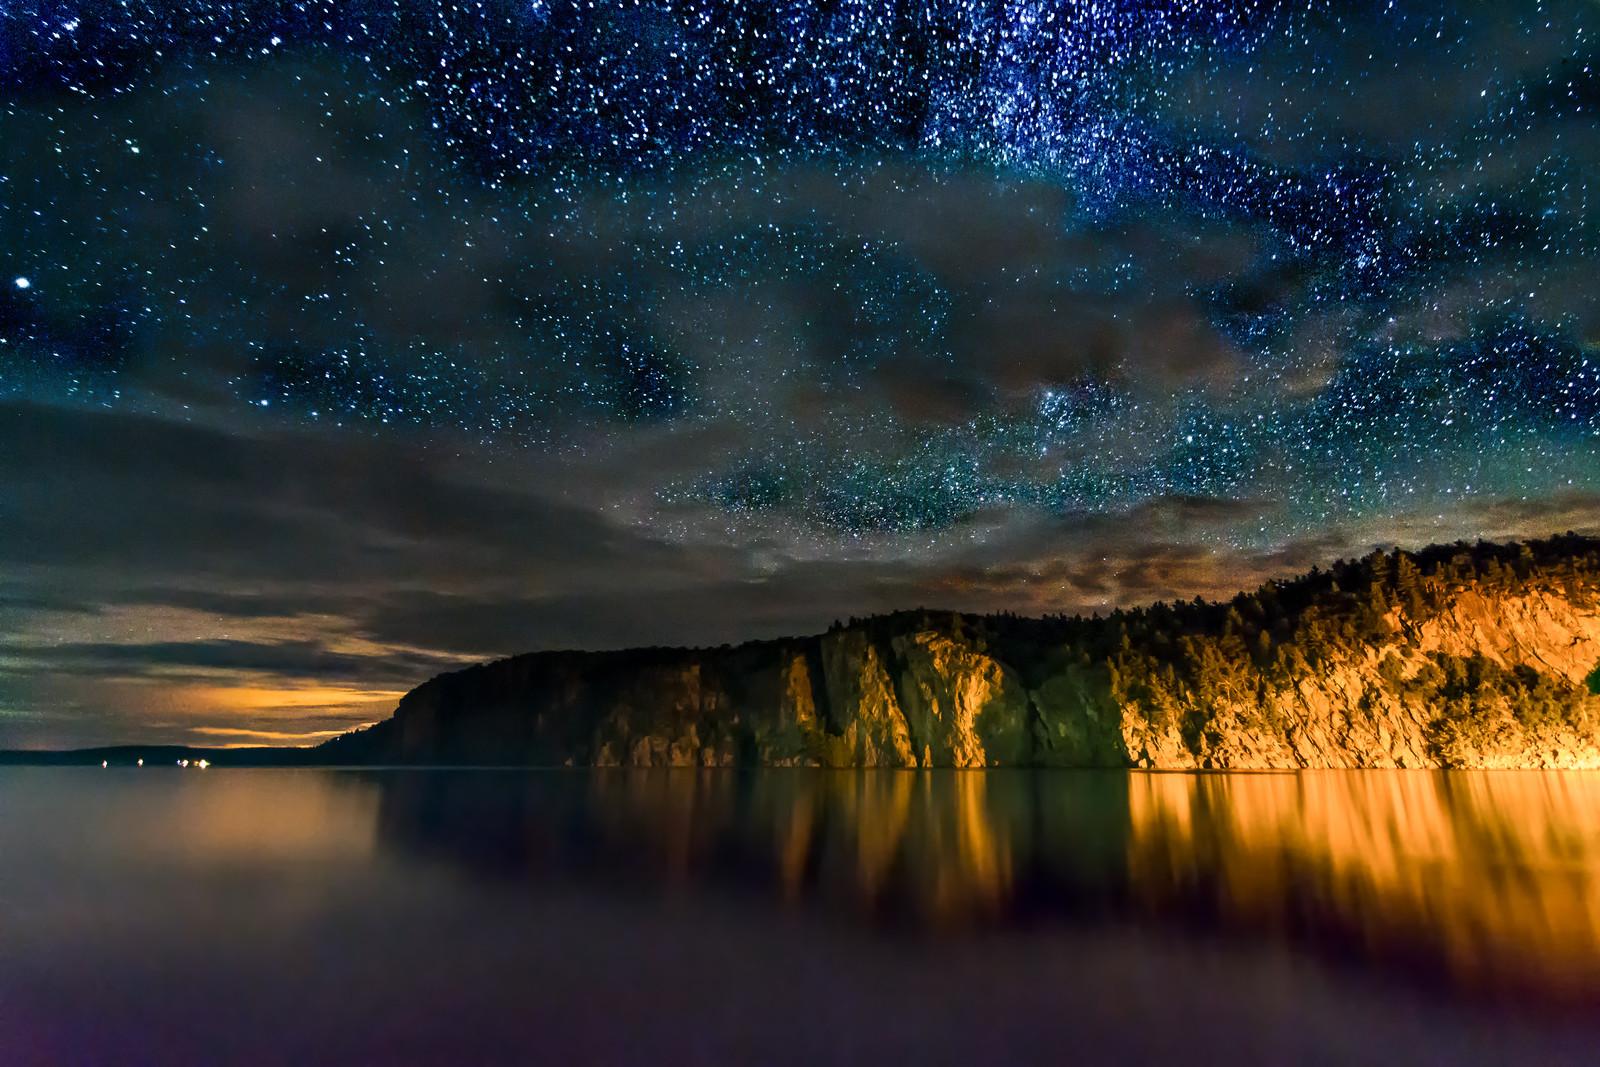 Die 10 Gr 246 223 Ten Sterne In Unserem Universum Realfly Youtube